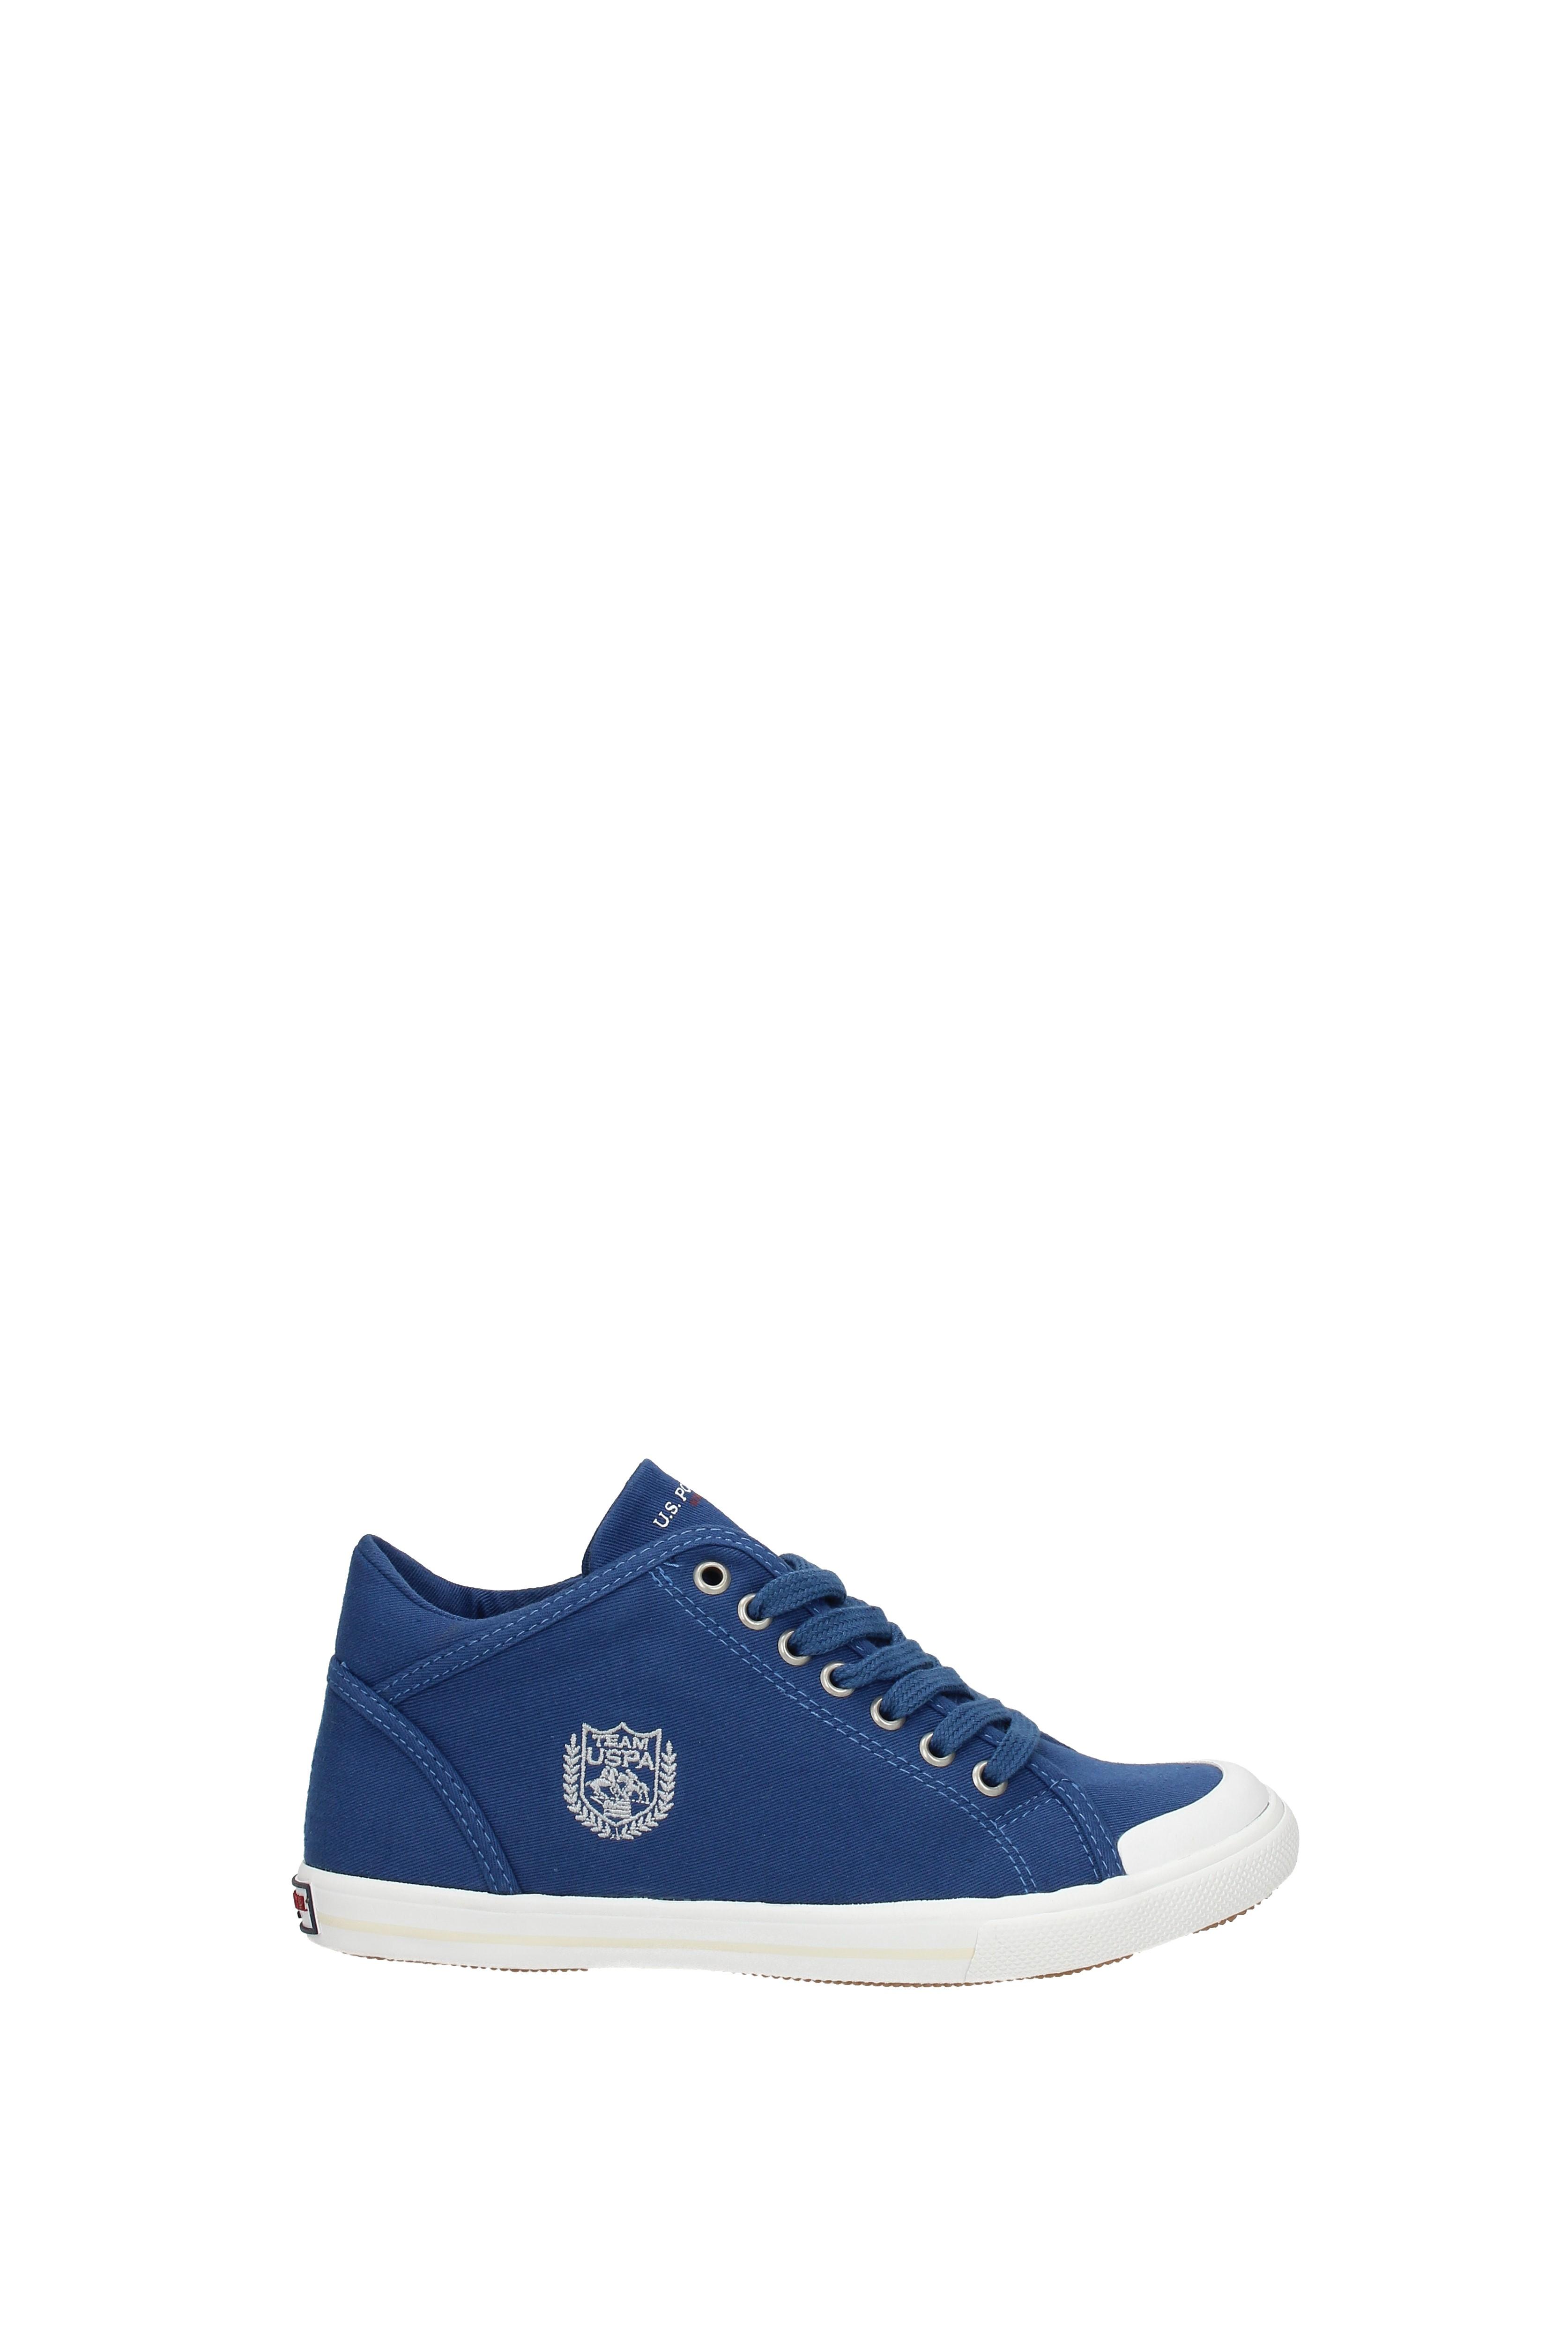 Sneakers U.S. Polo Assn. Damenschuhe Damenschuhe Damenschuhe - Tessuto (DYON4191S7C1) b40a07